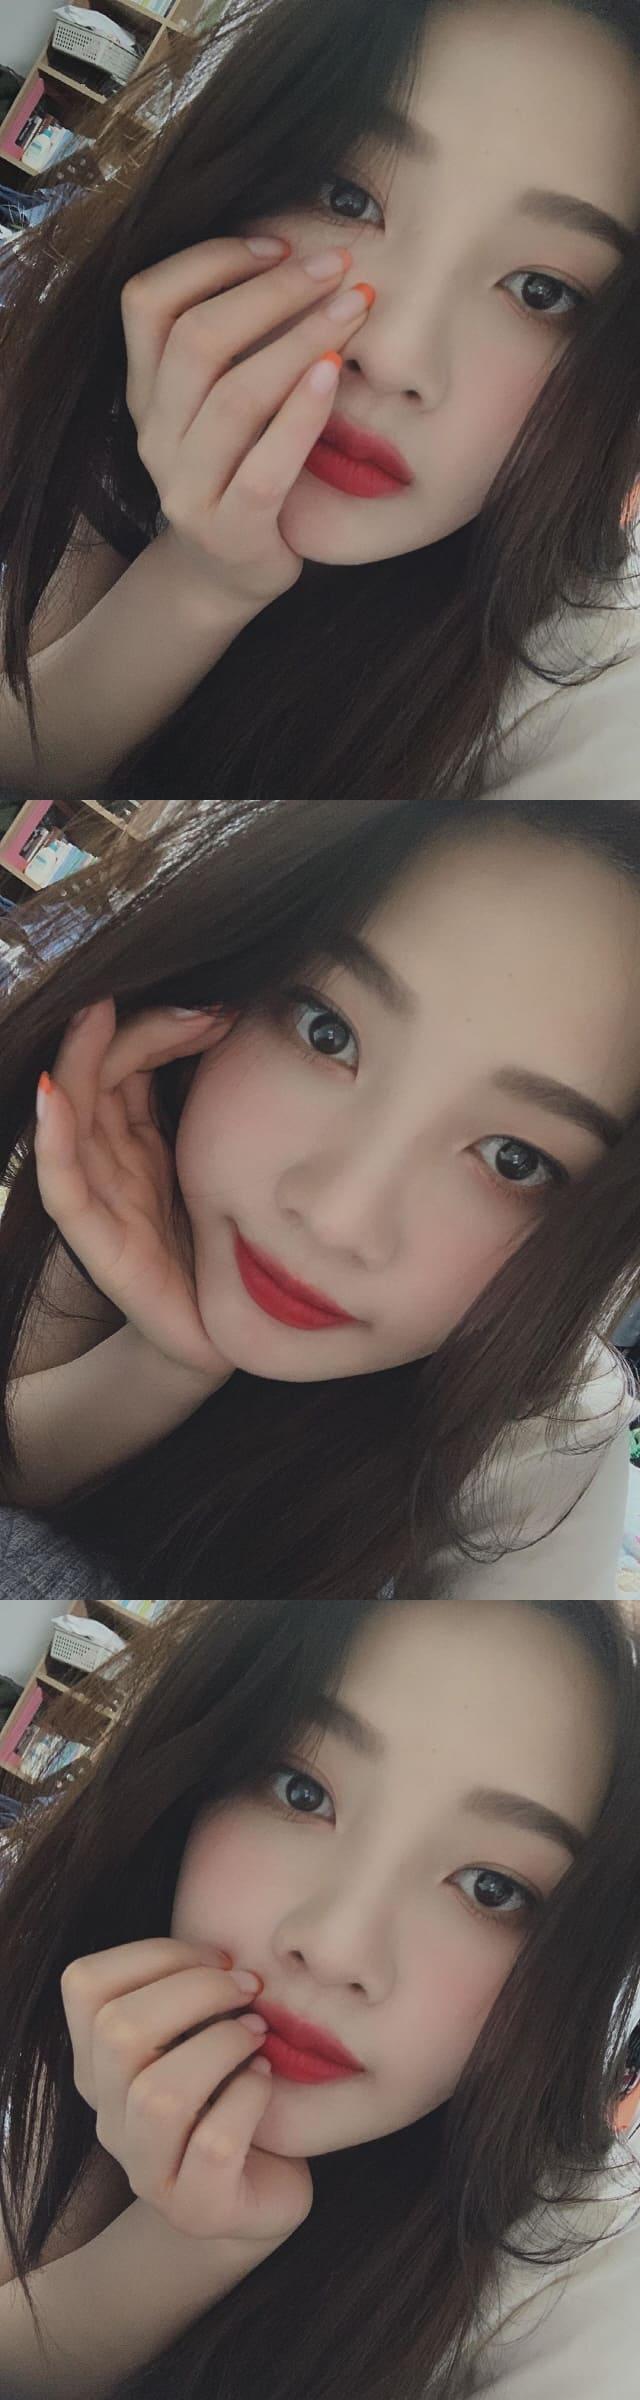 """조이, 폭죽 트라우마 고백 """"걱정 끼쳐드려 죄송""""  ⓒ 갓잇코리아"""